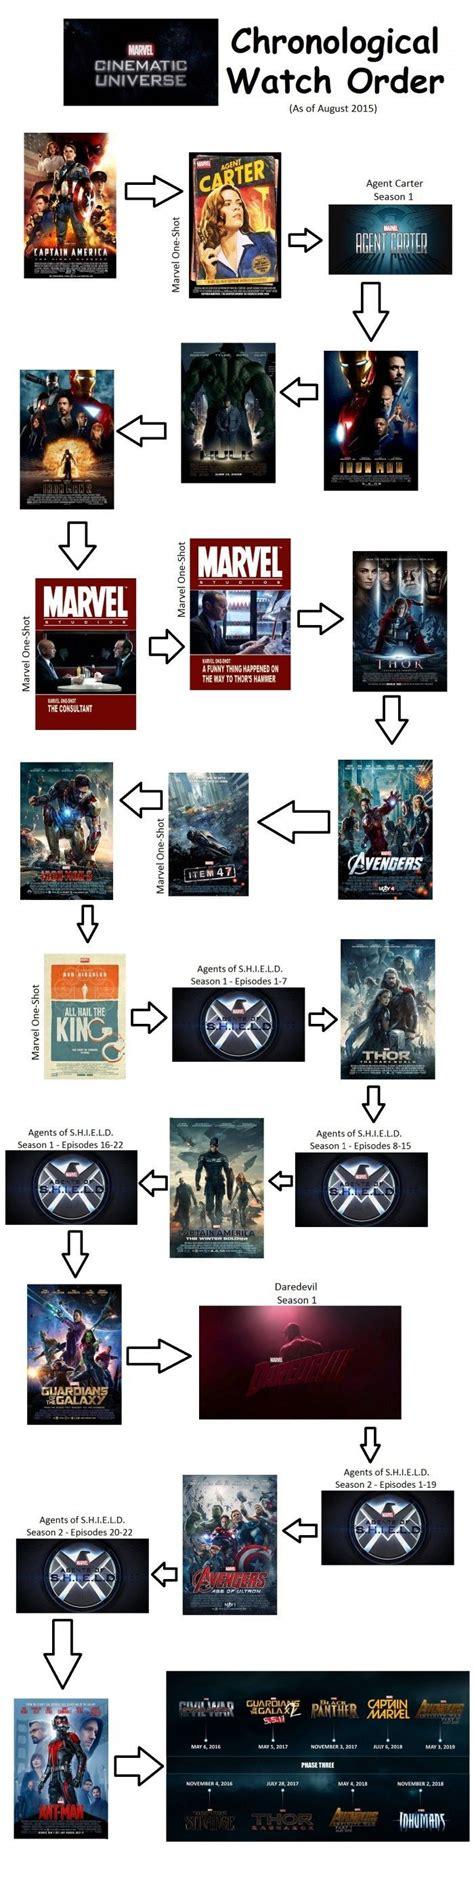 marvel movies order 9gag marvel in chronological order sh avengers pinterest